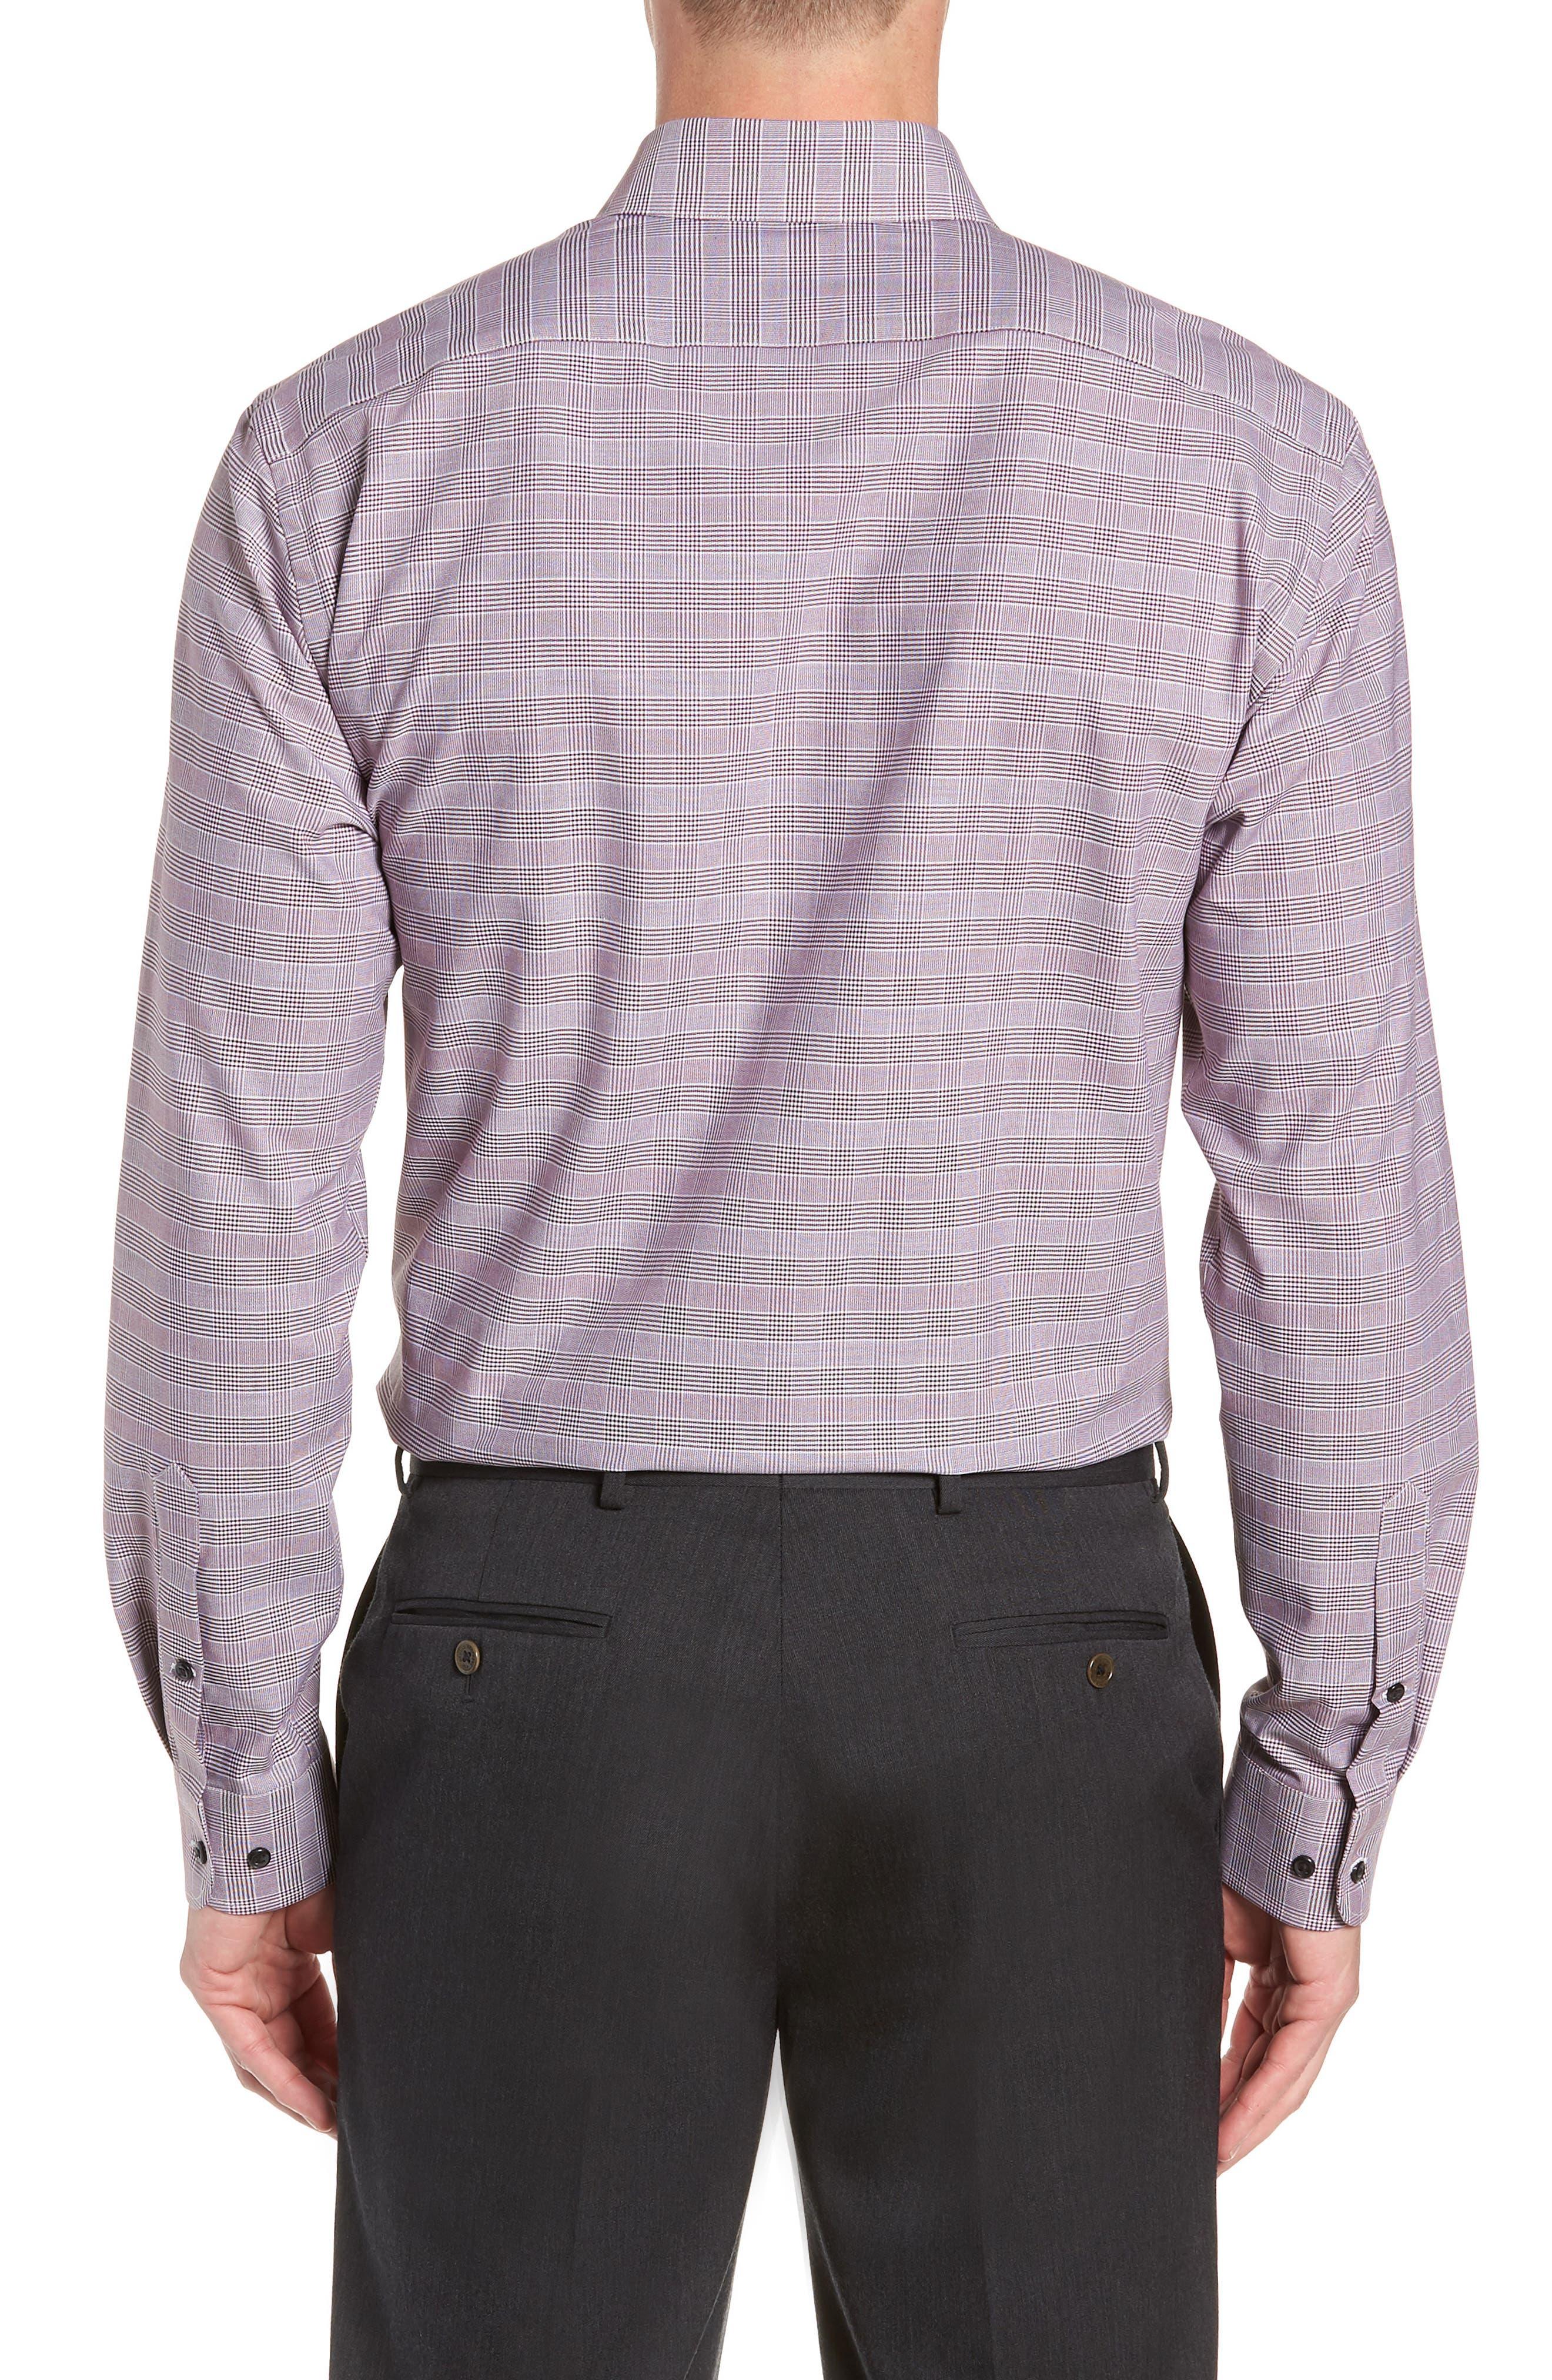 Tech-Smart Trim Fit Stretch Plaid Dress Shirt,                             Alternate thumbnail 11, color,